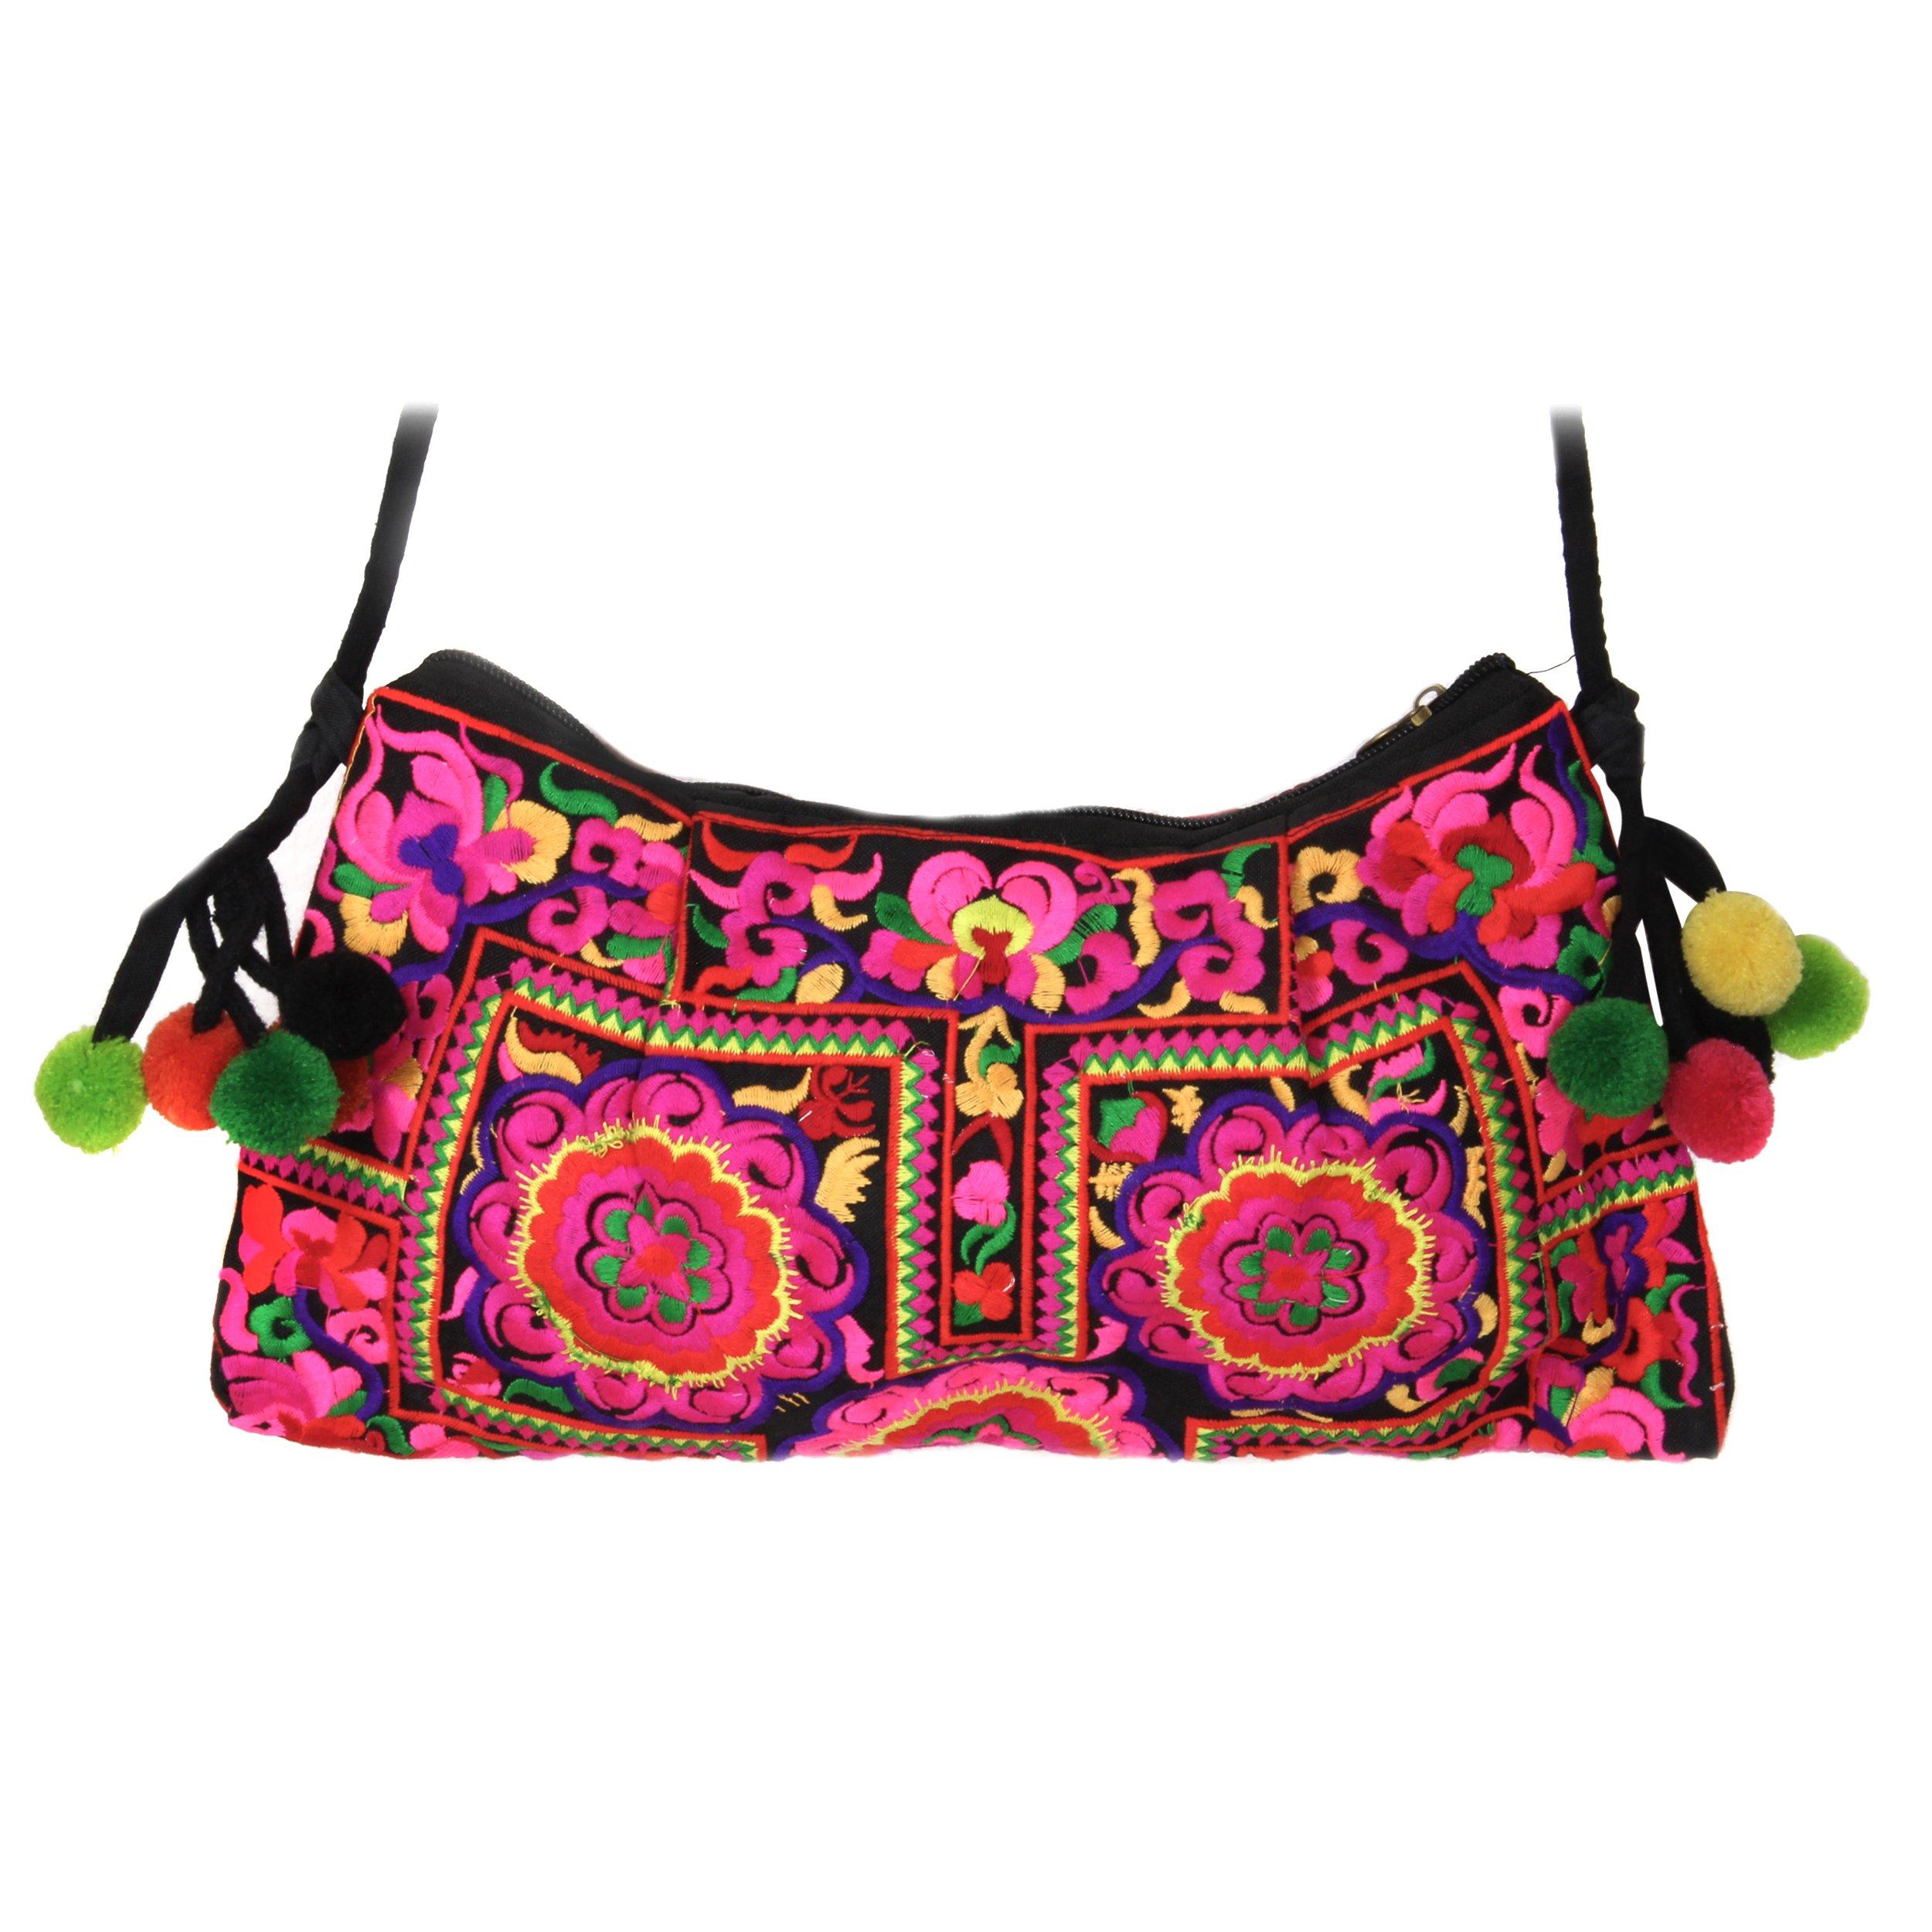 bandolera multicolor estilo Bolso Ventajon tribal étnico 4wqTHId